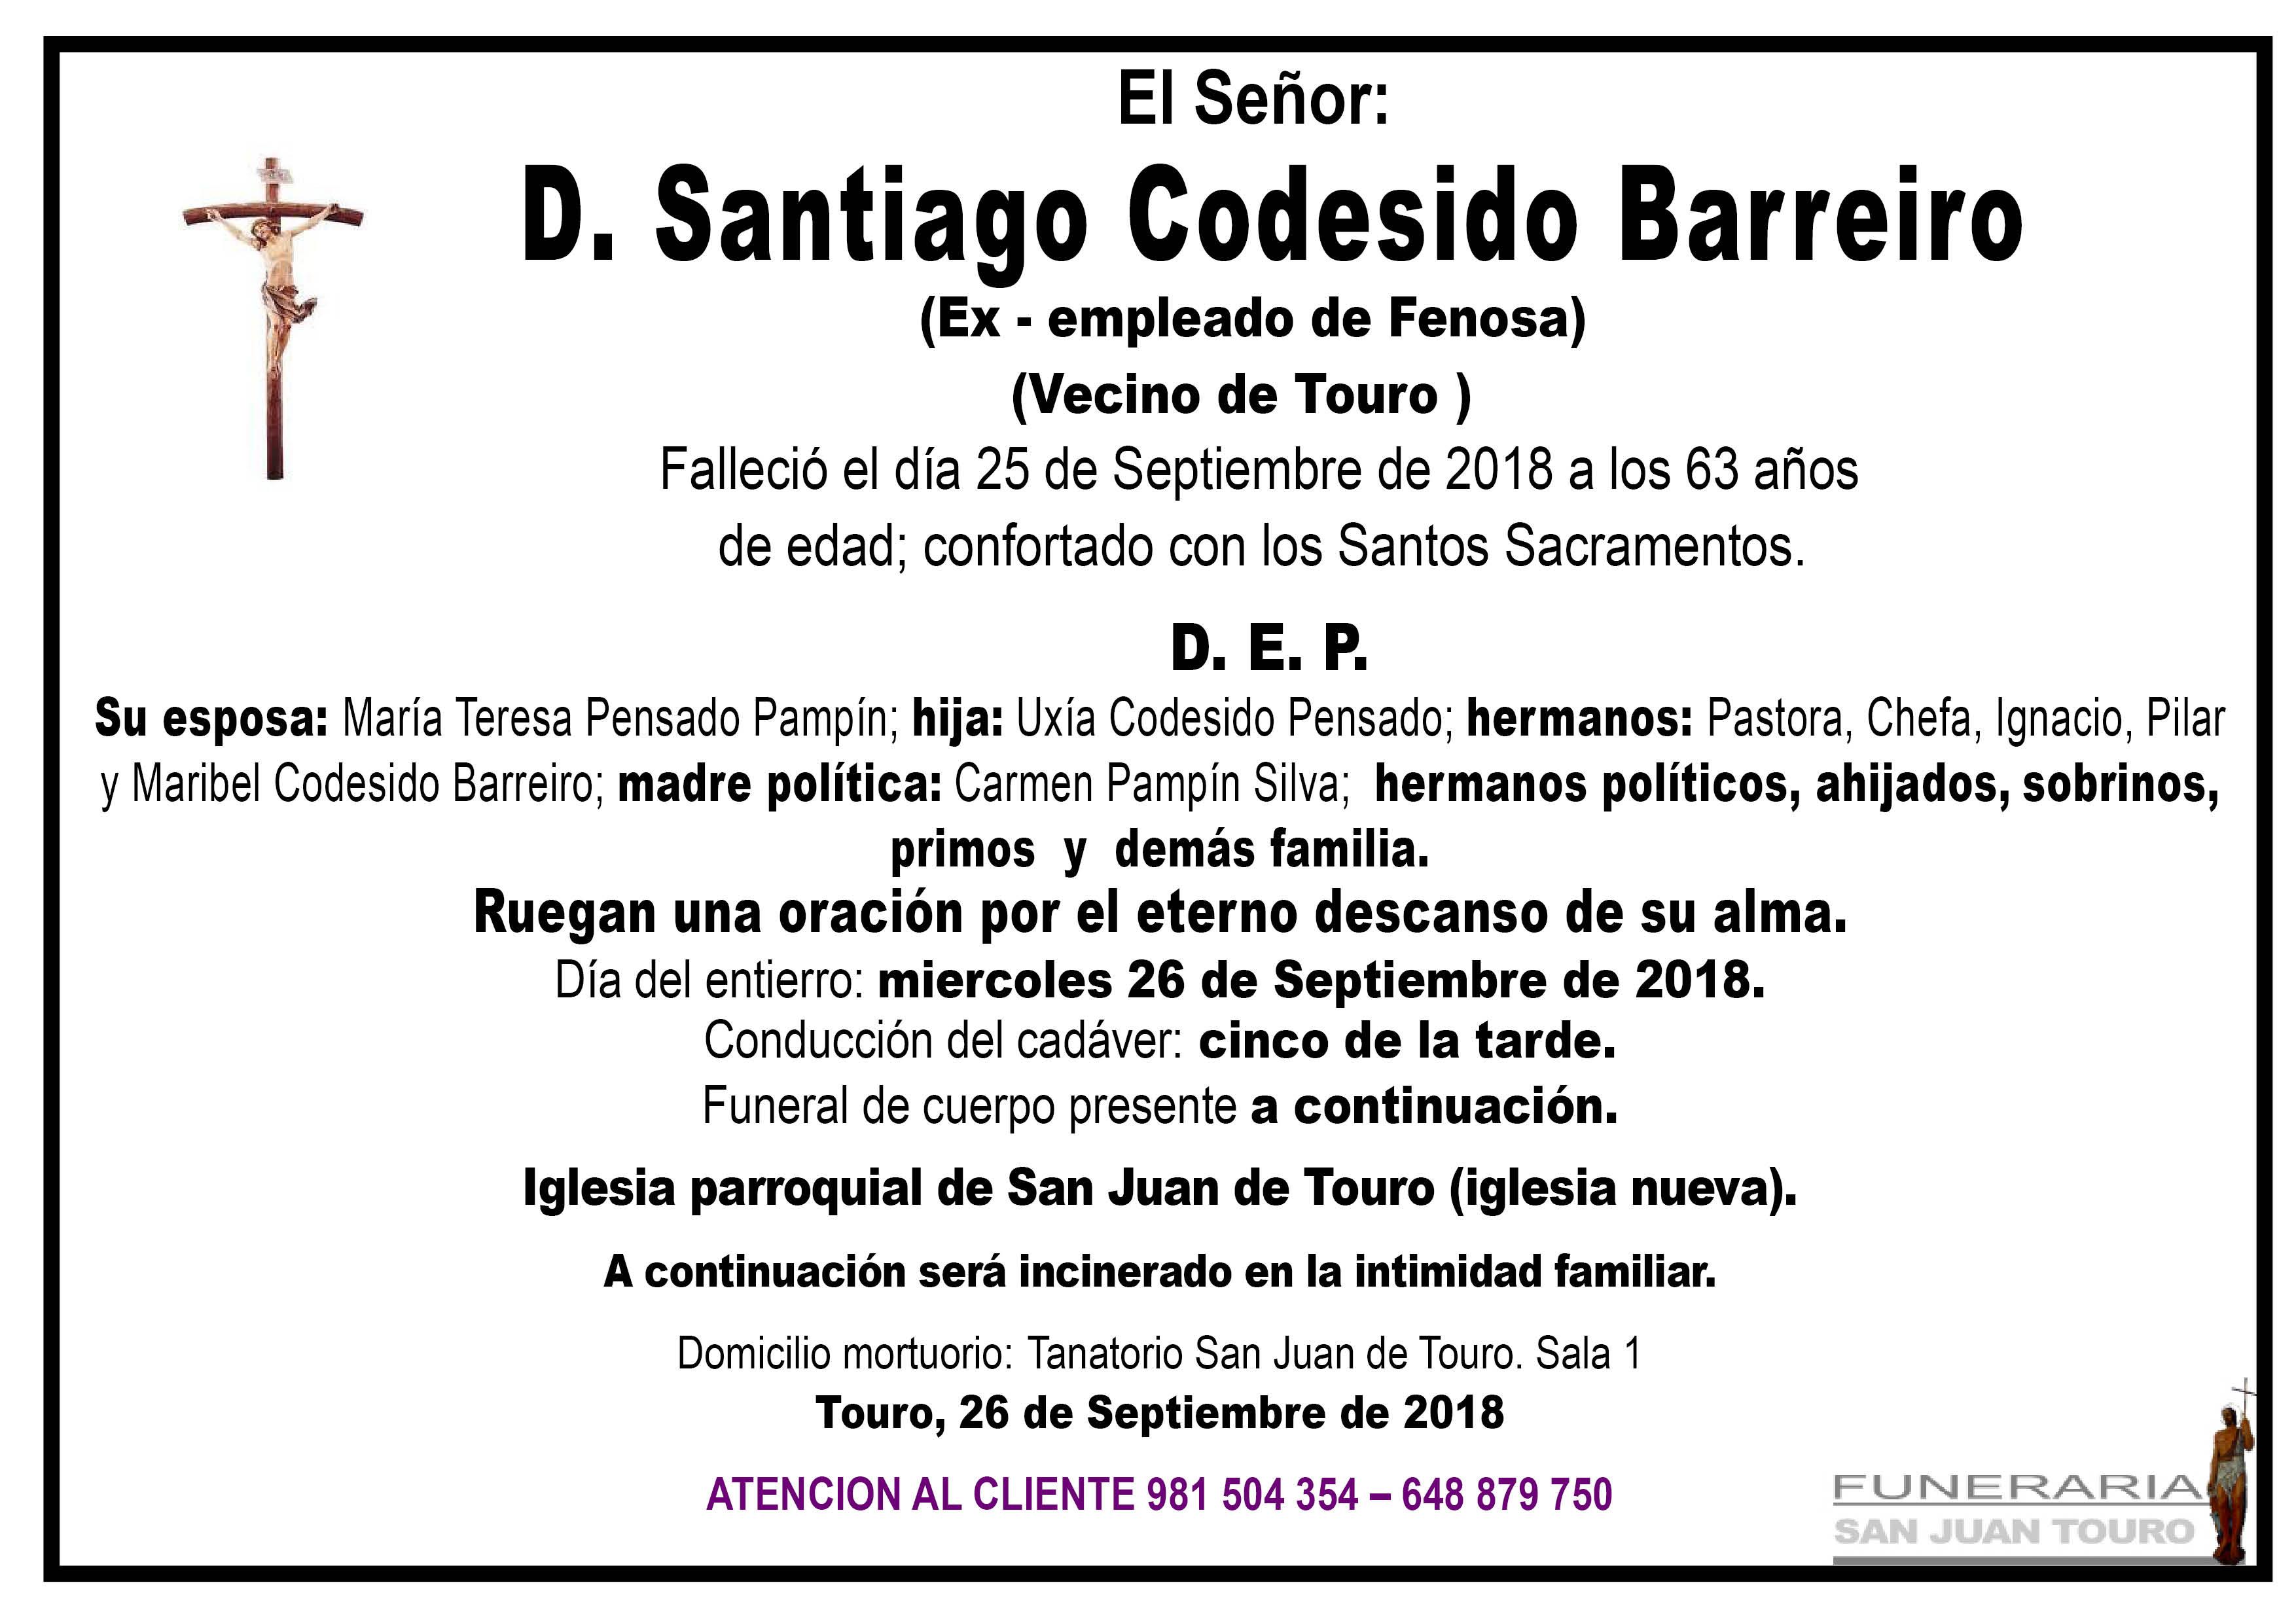 Esquela de SEPELIO DE DON SANTIAGO CODESIDO BARREIRO